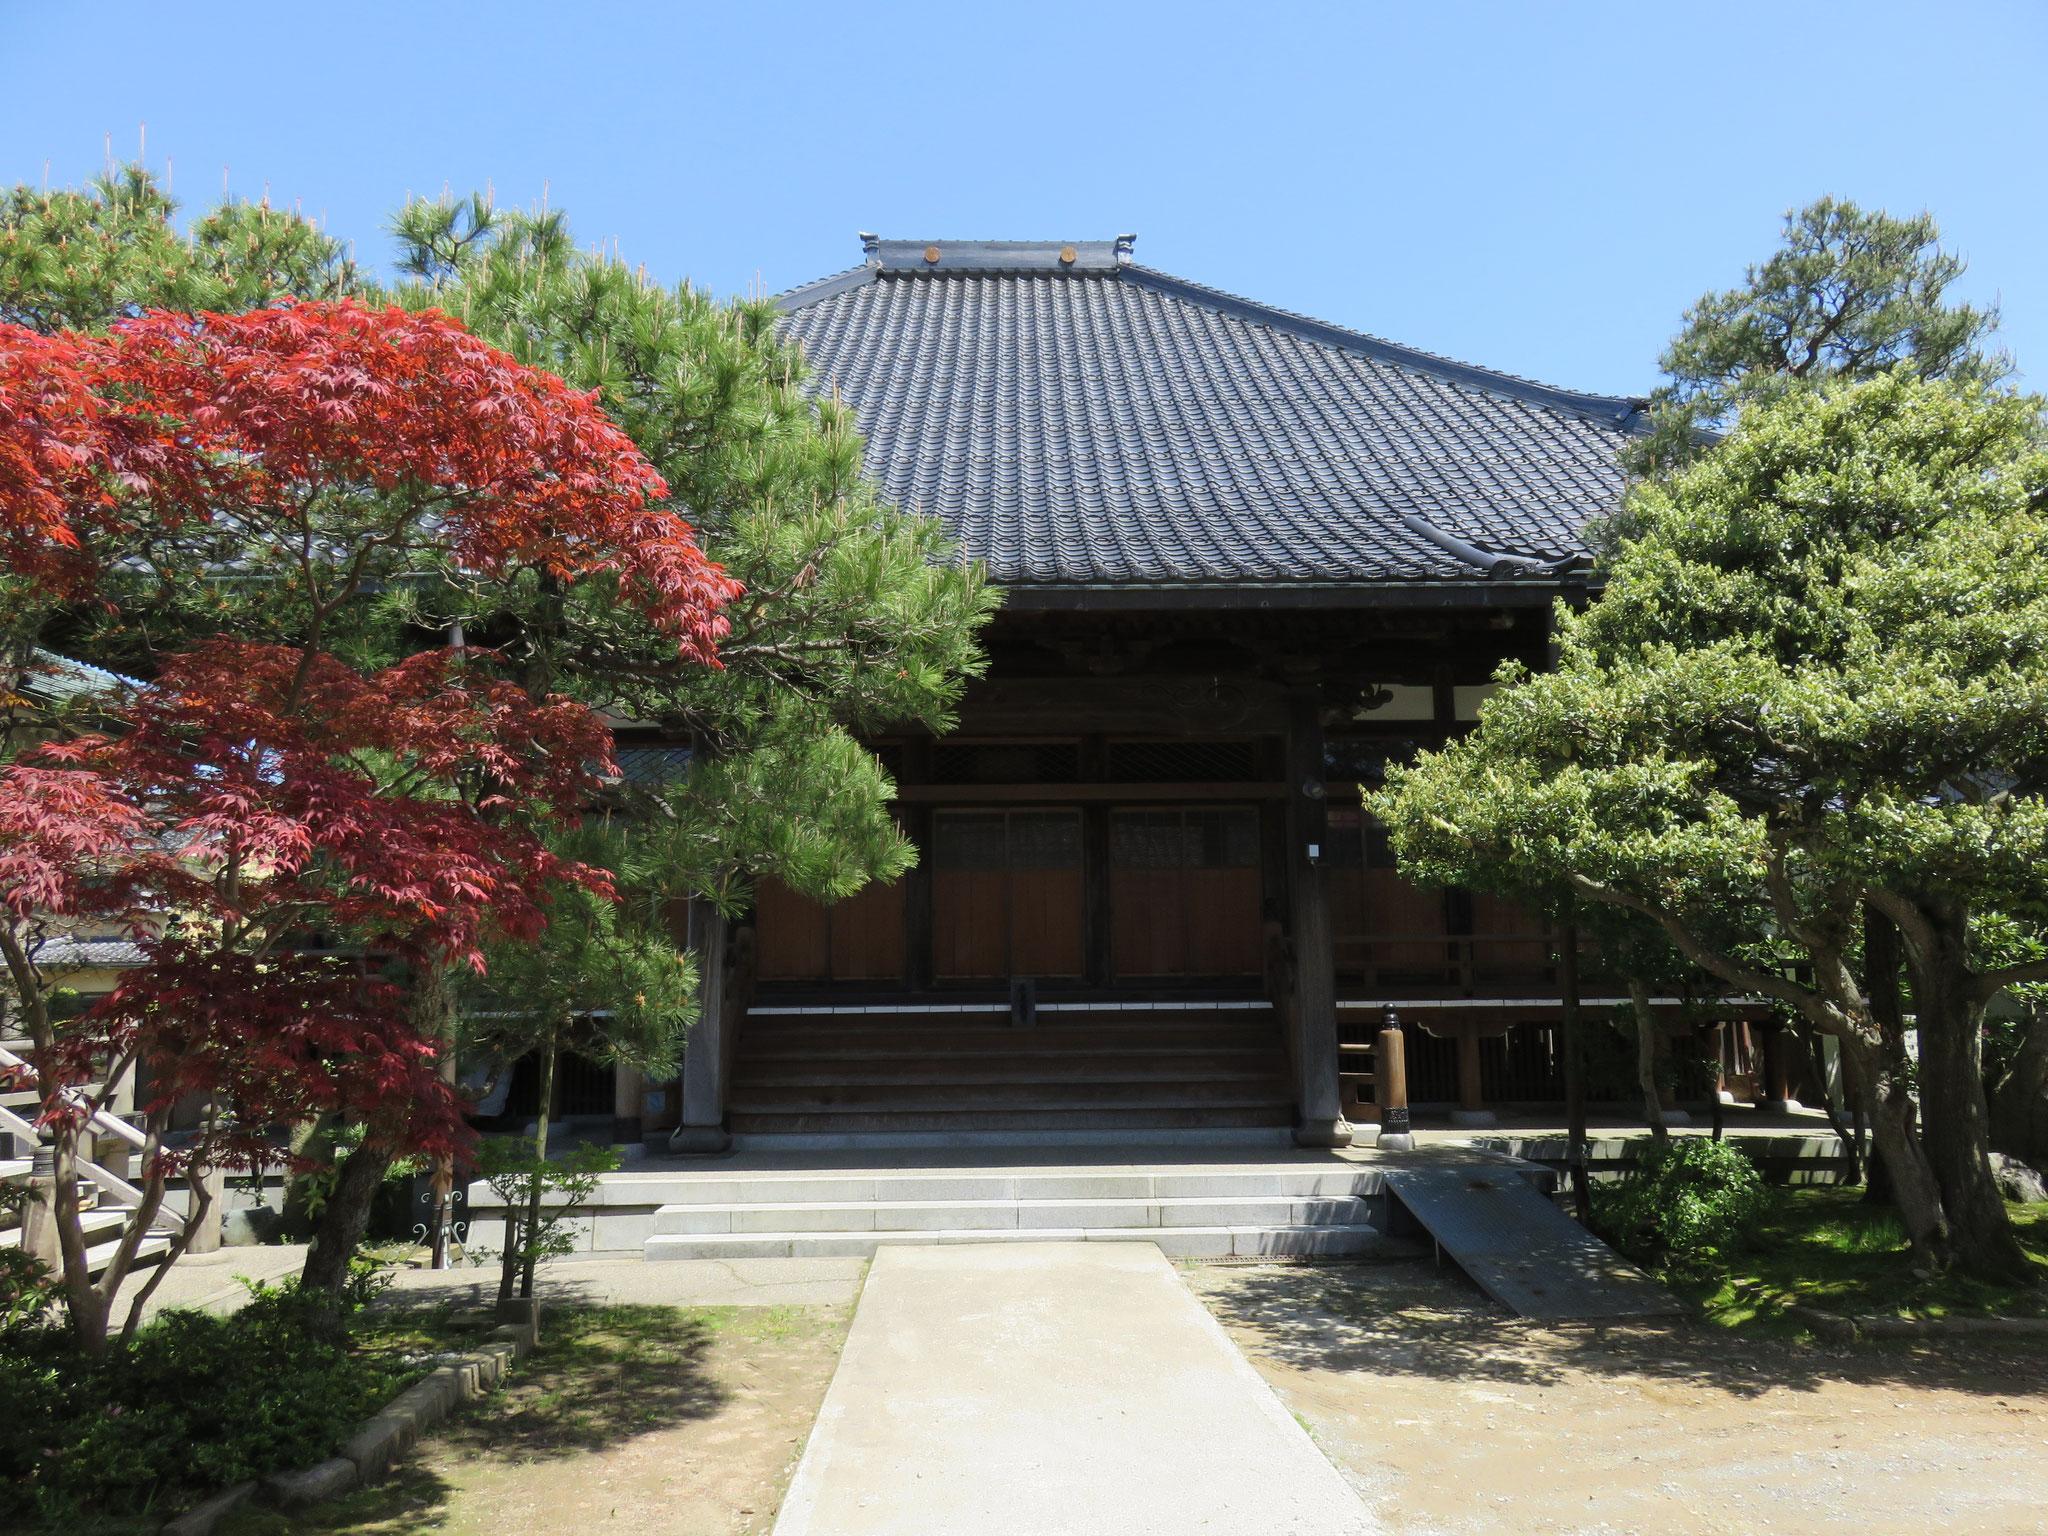 上宮寺で毎週お参りをします